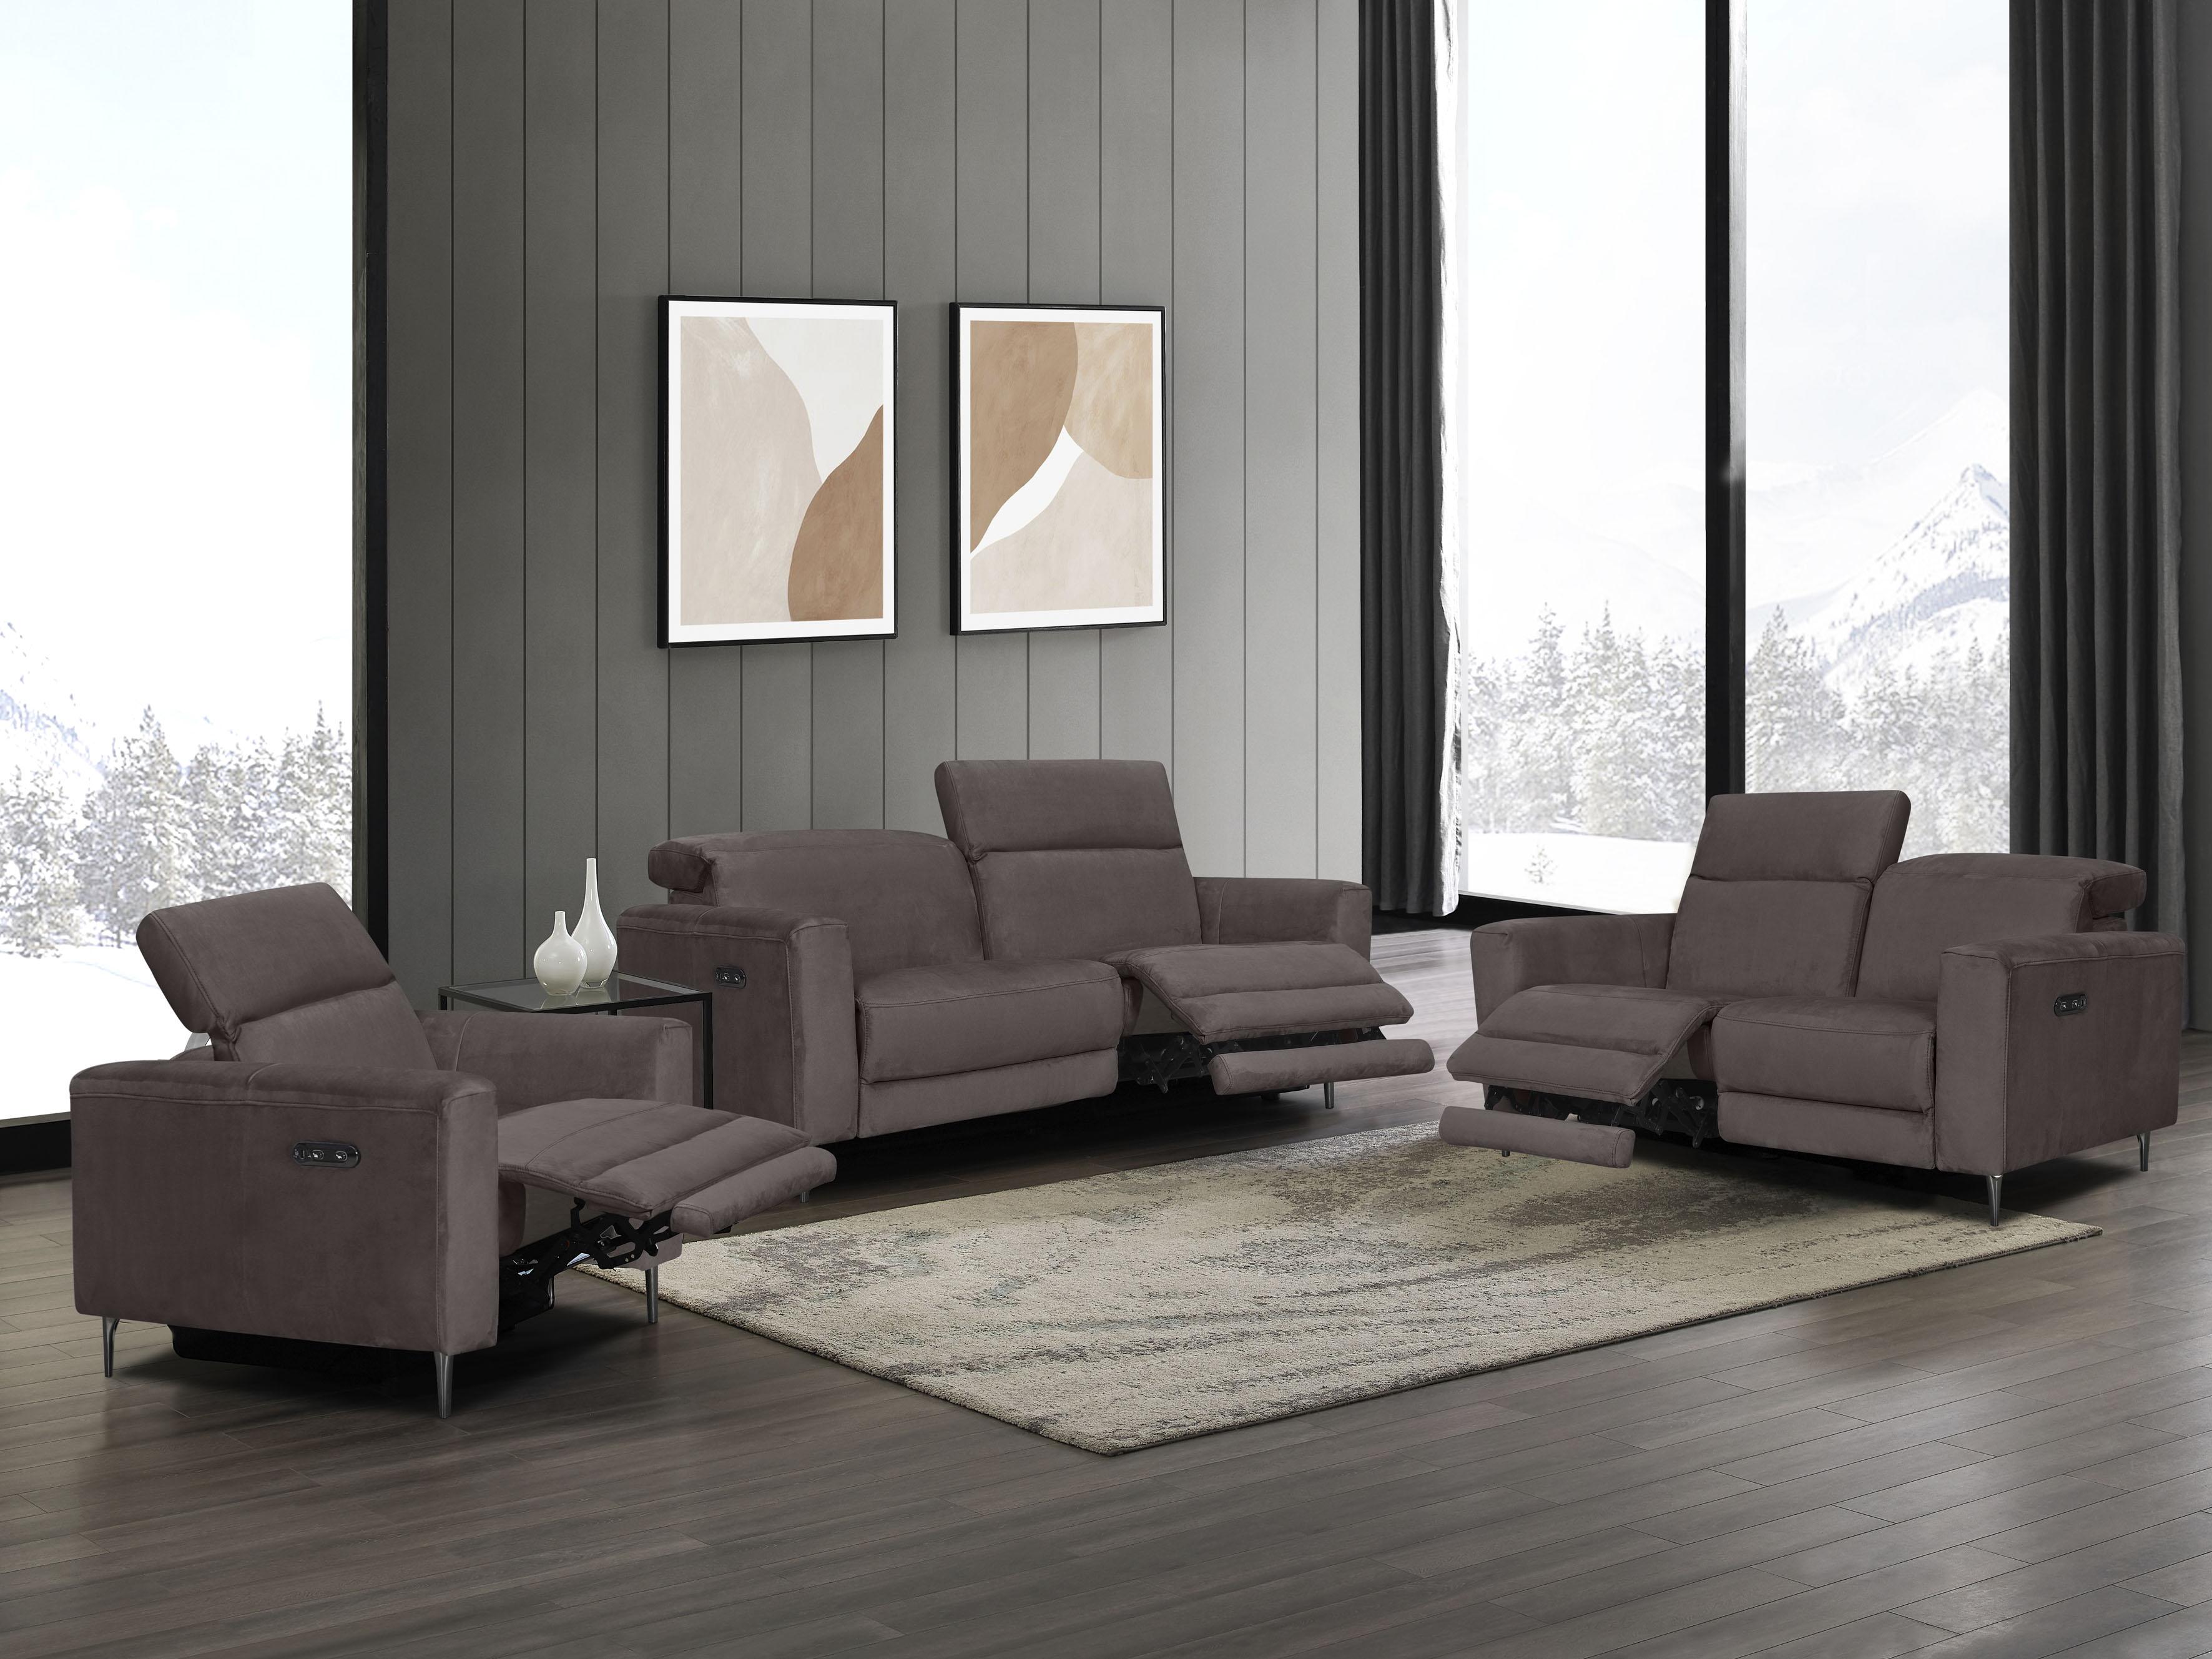 Places of Style Polstergarnitur Indiana (Set Set bestehend aus einem Sessel einem 2-Sitzer und einem 3-Sitzer)